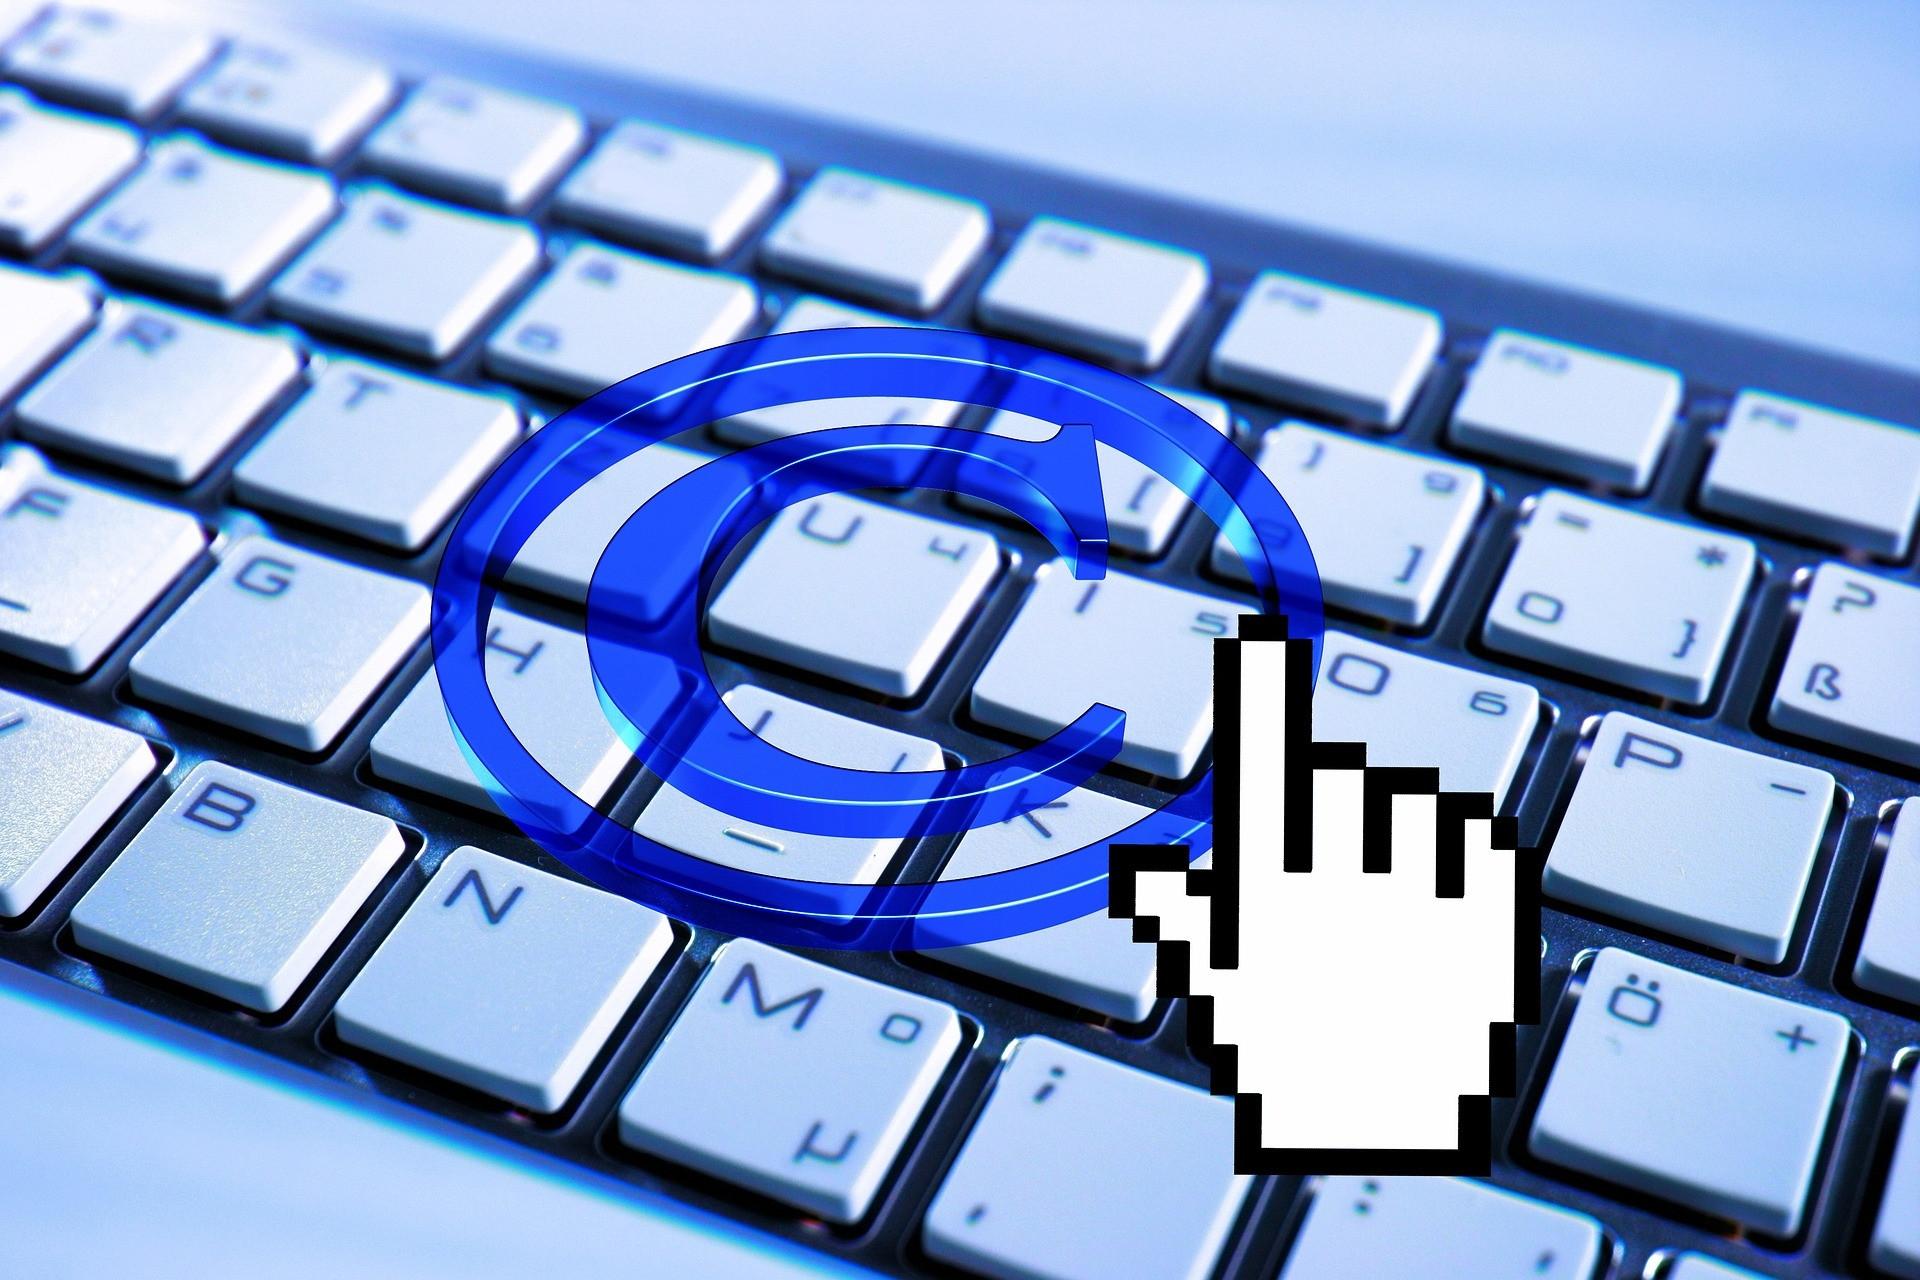 EU-Urheberrechtsreform: Weg ist frei für Upload-Filter und Leistungsschutzrecht